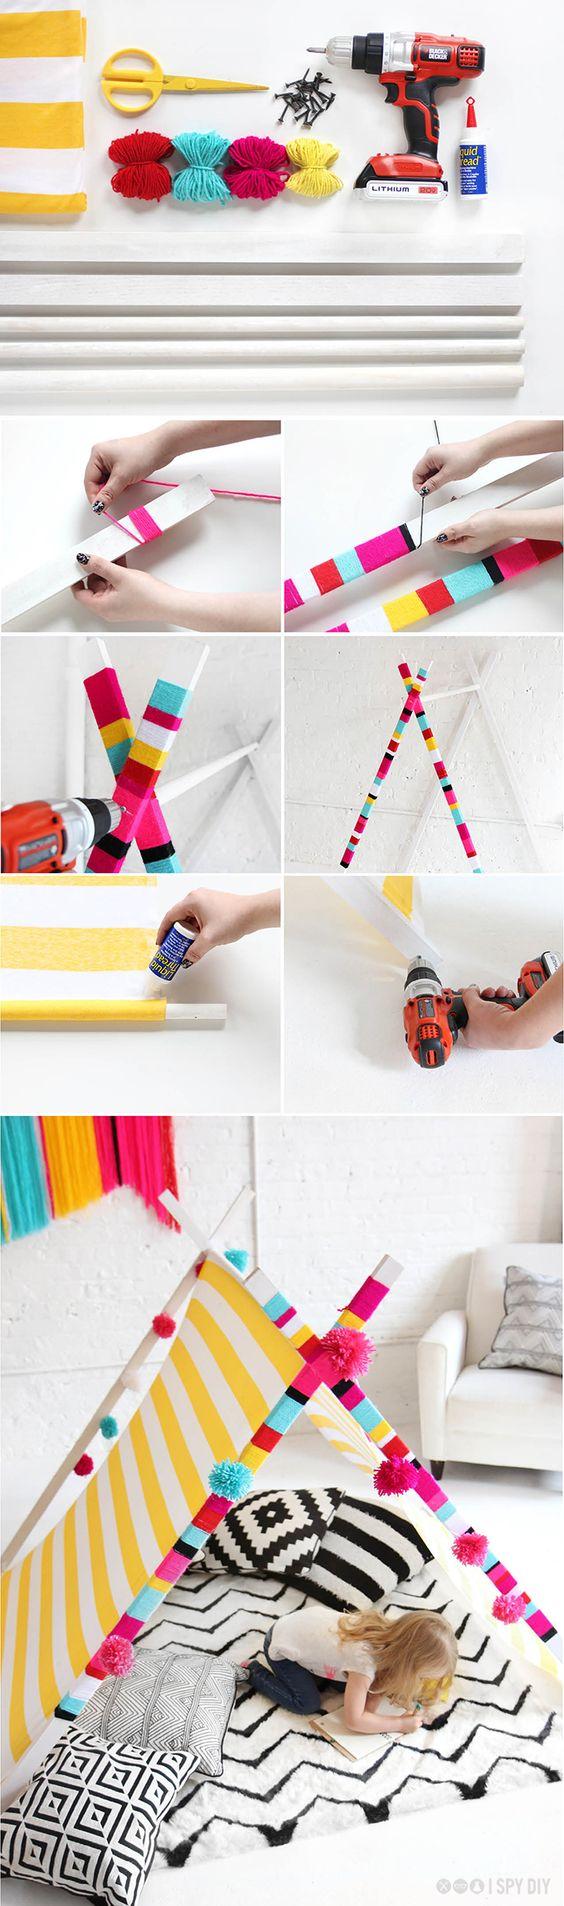 DIY.cabana.coloridajpg